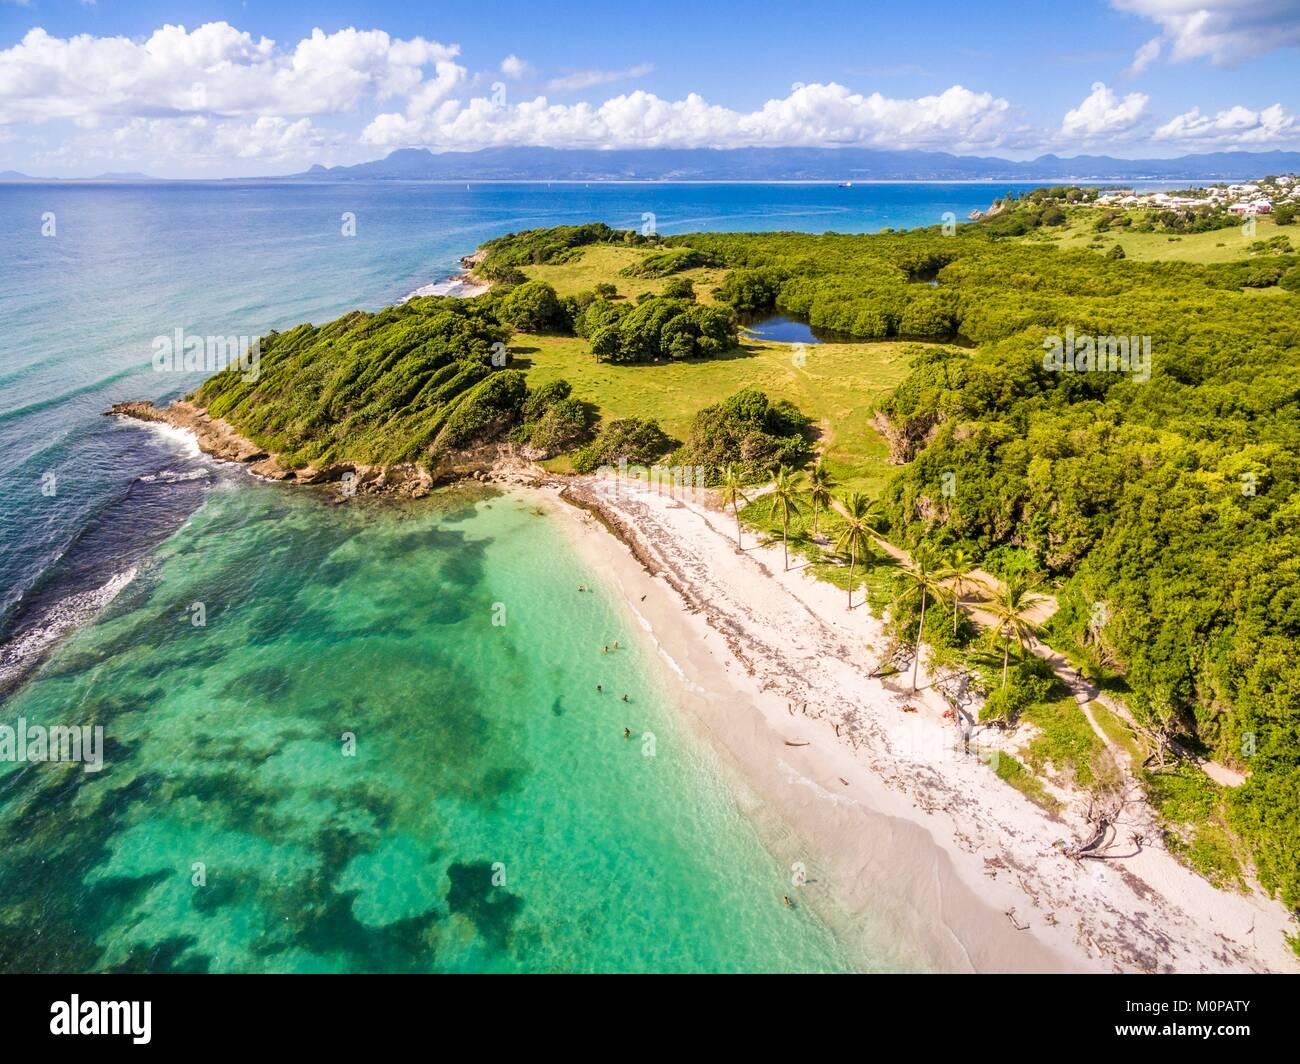 France,Caraïbes Petites Antilles, la Guadeloupe, Grande-Terre,,Le Gosier,vue aérienne sur la plage de Saint Félix, mangrove dans l'arrière-plan (vue aérienne) Banque D'Images